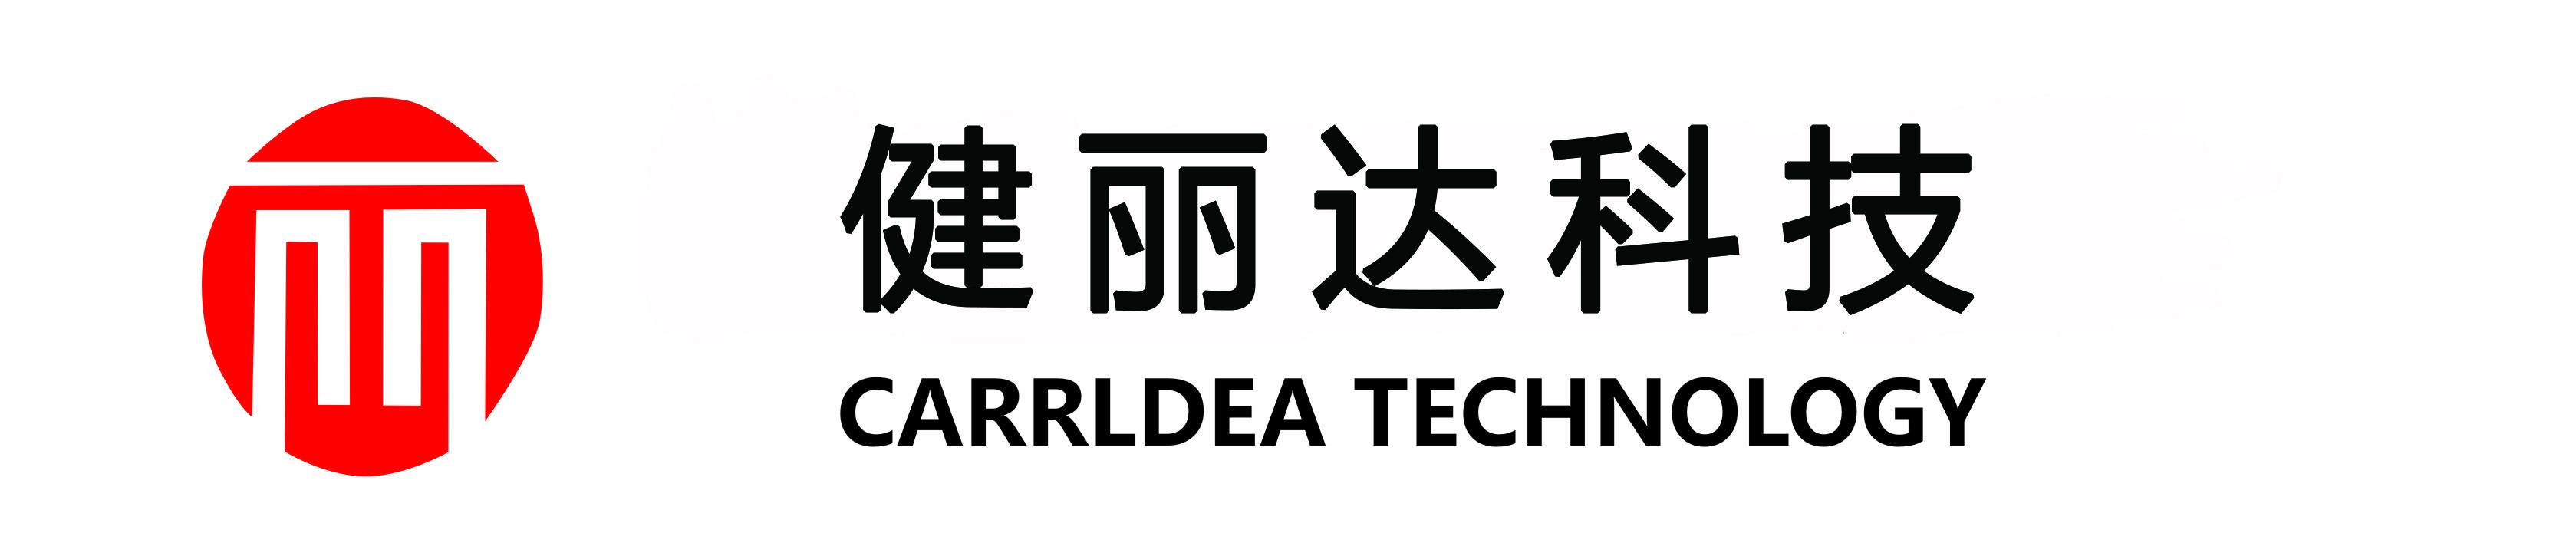 江阴市健丽达科技有限公司